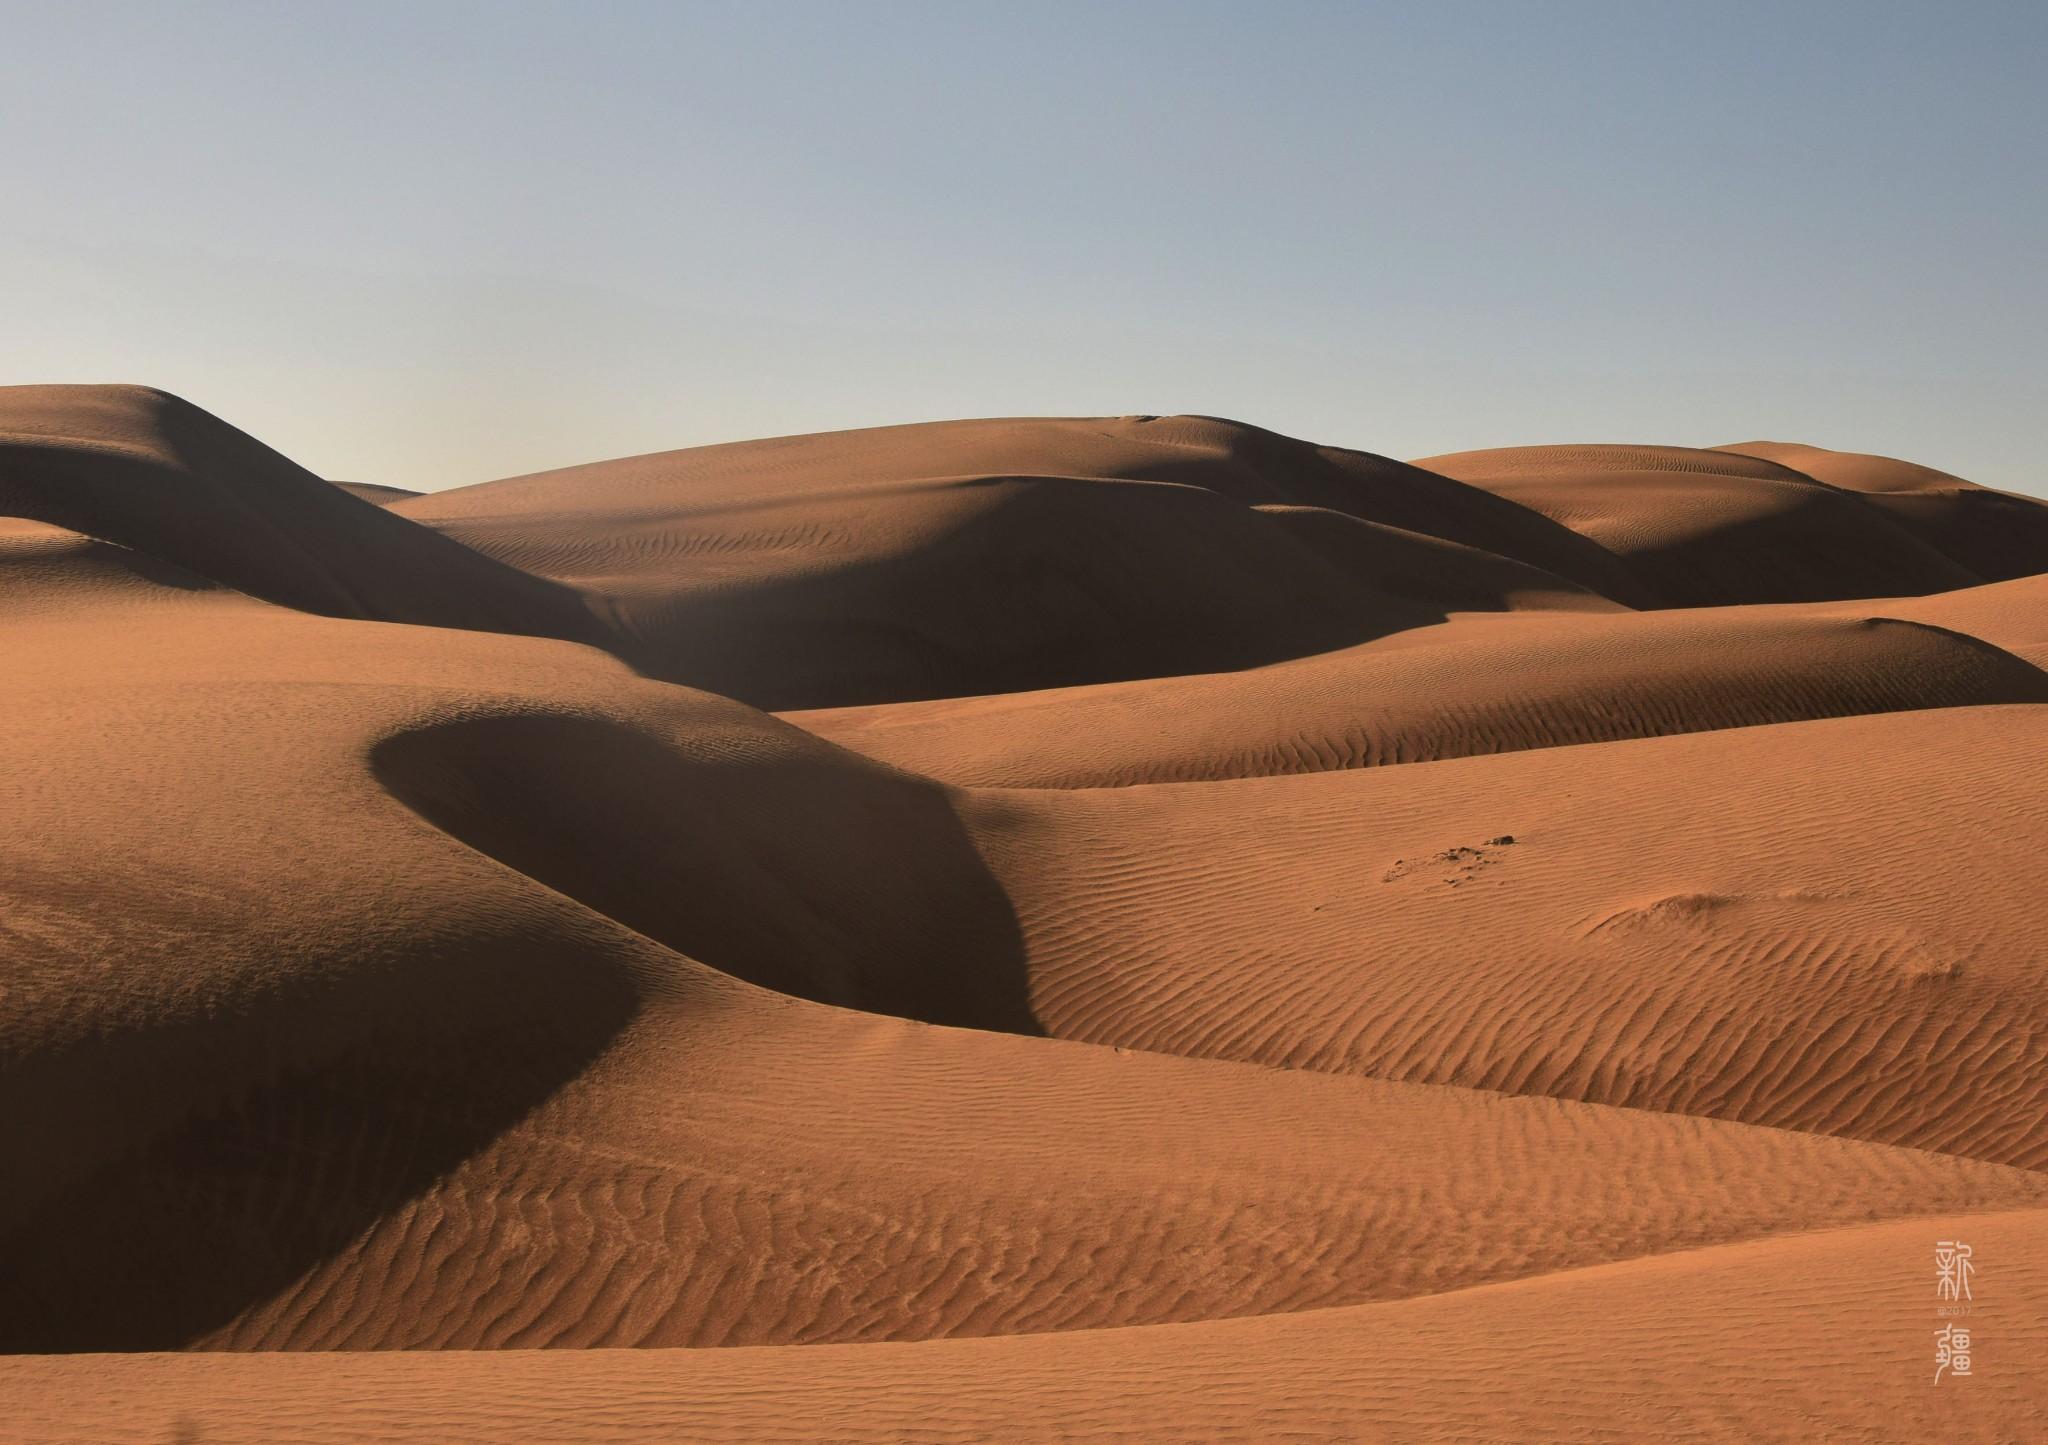 间隔年|这个夏天,我在南疆浪了43天(下)_游记